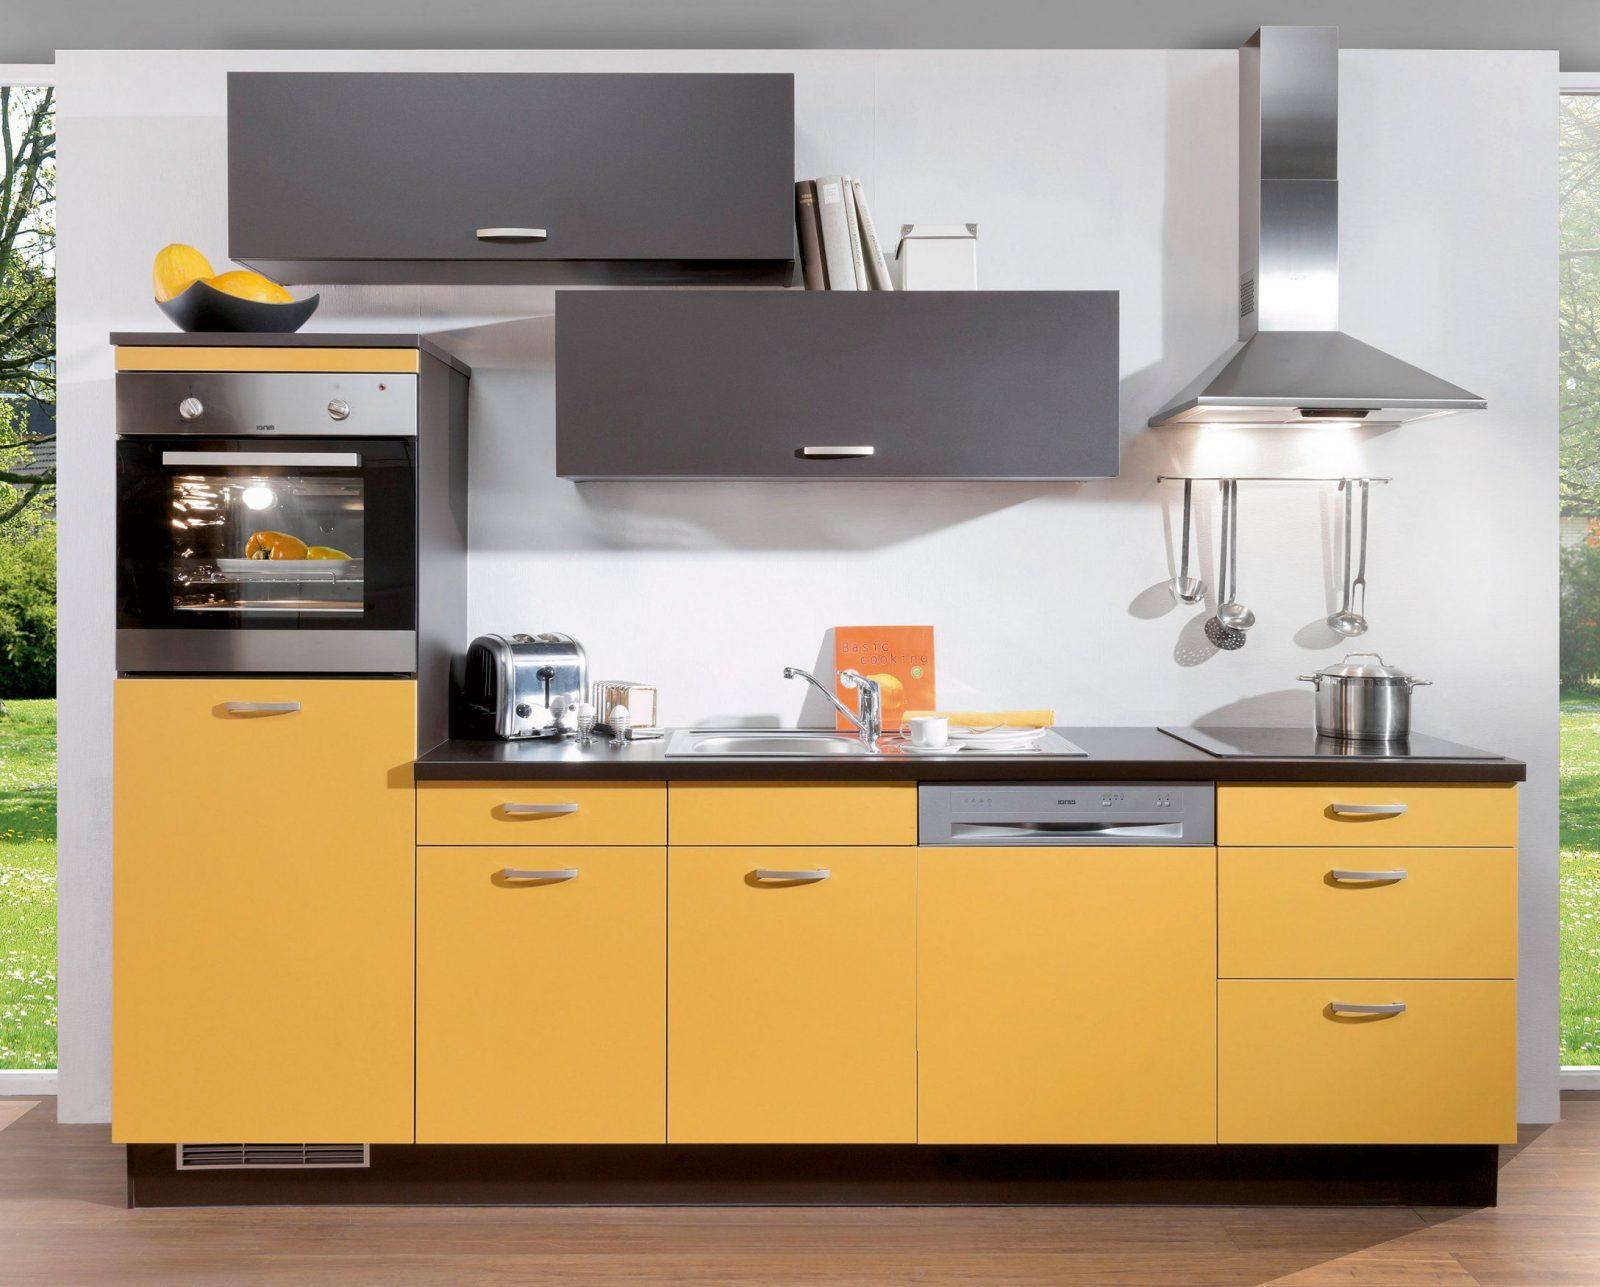 Kleine Kchenzeile Mit Elektrogerten Excellent Küchenzeile Mit von Küchenzeile 230 Cm Breit Bild